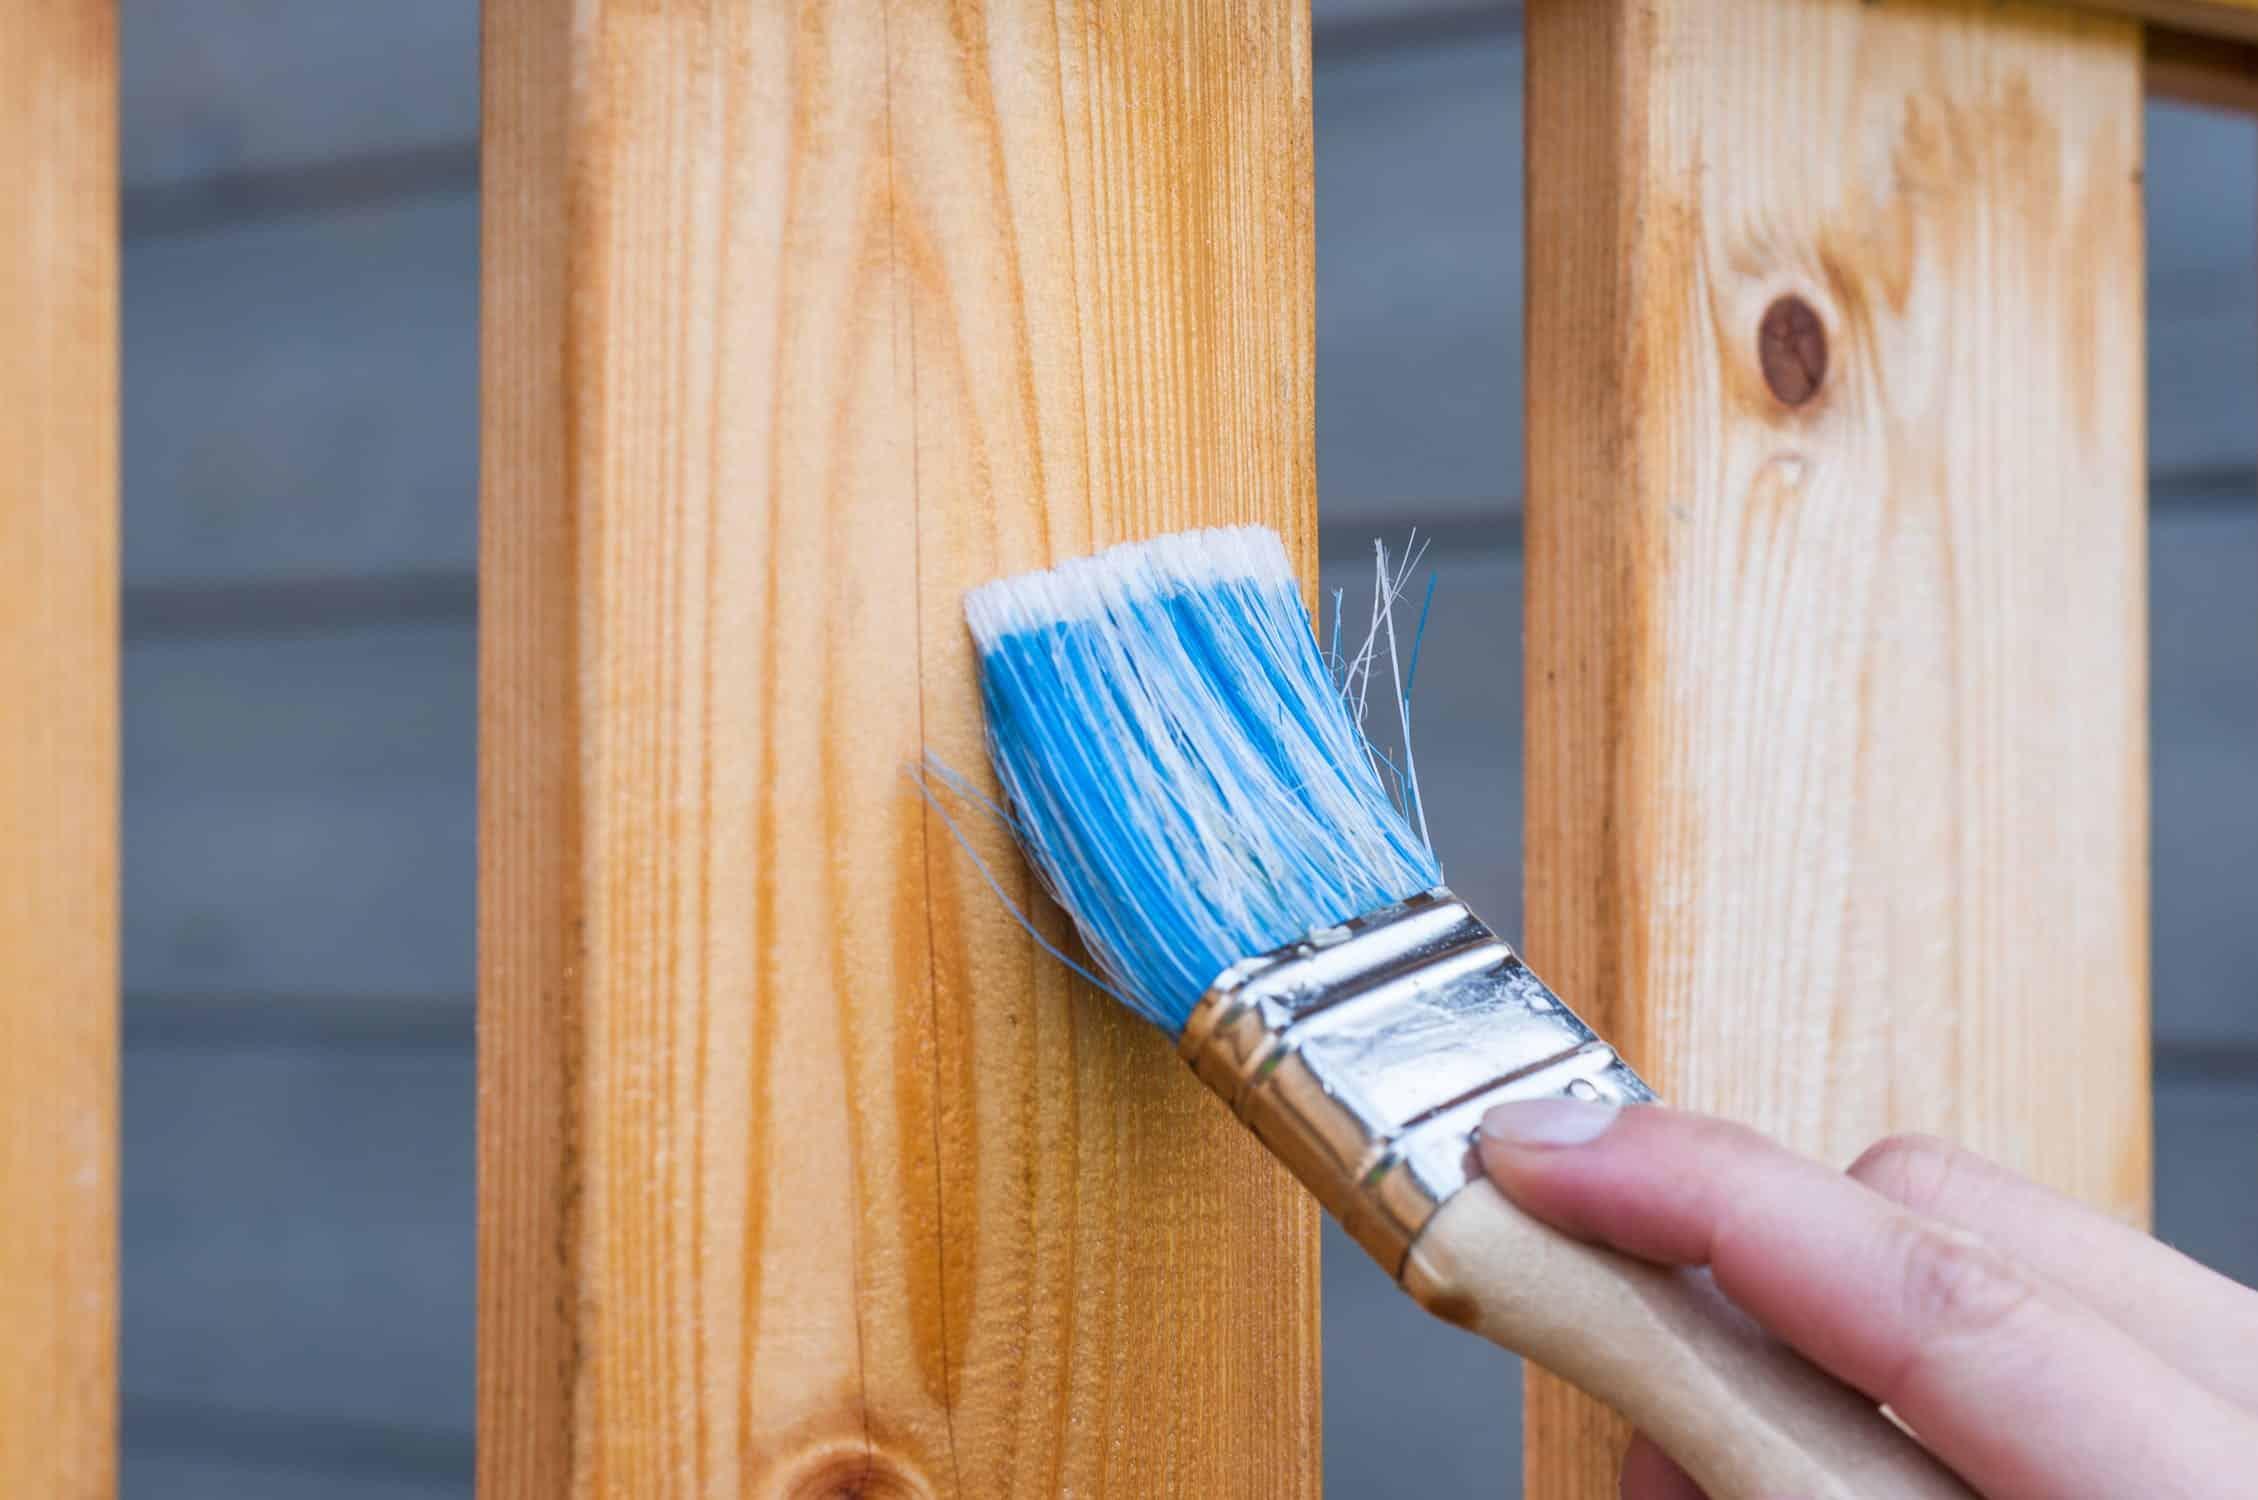 Application d'un vernis sur du bois au pinceau pour le protéger